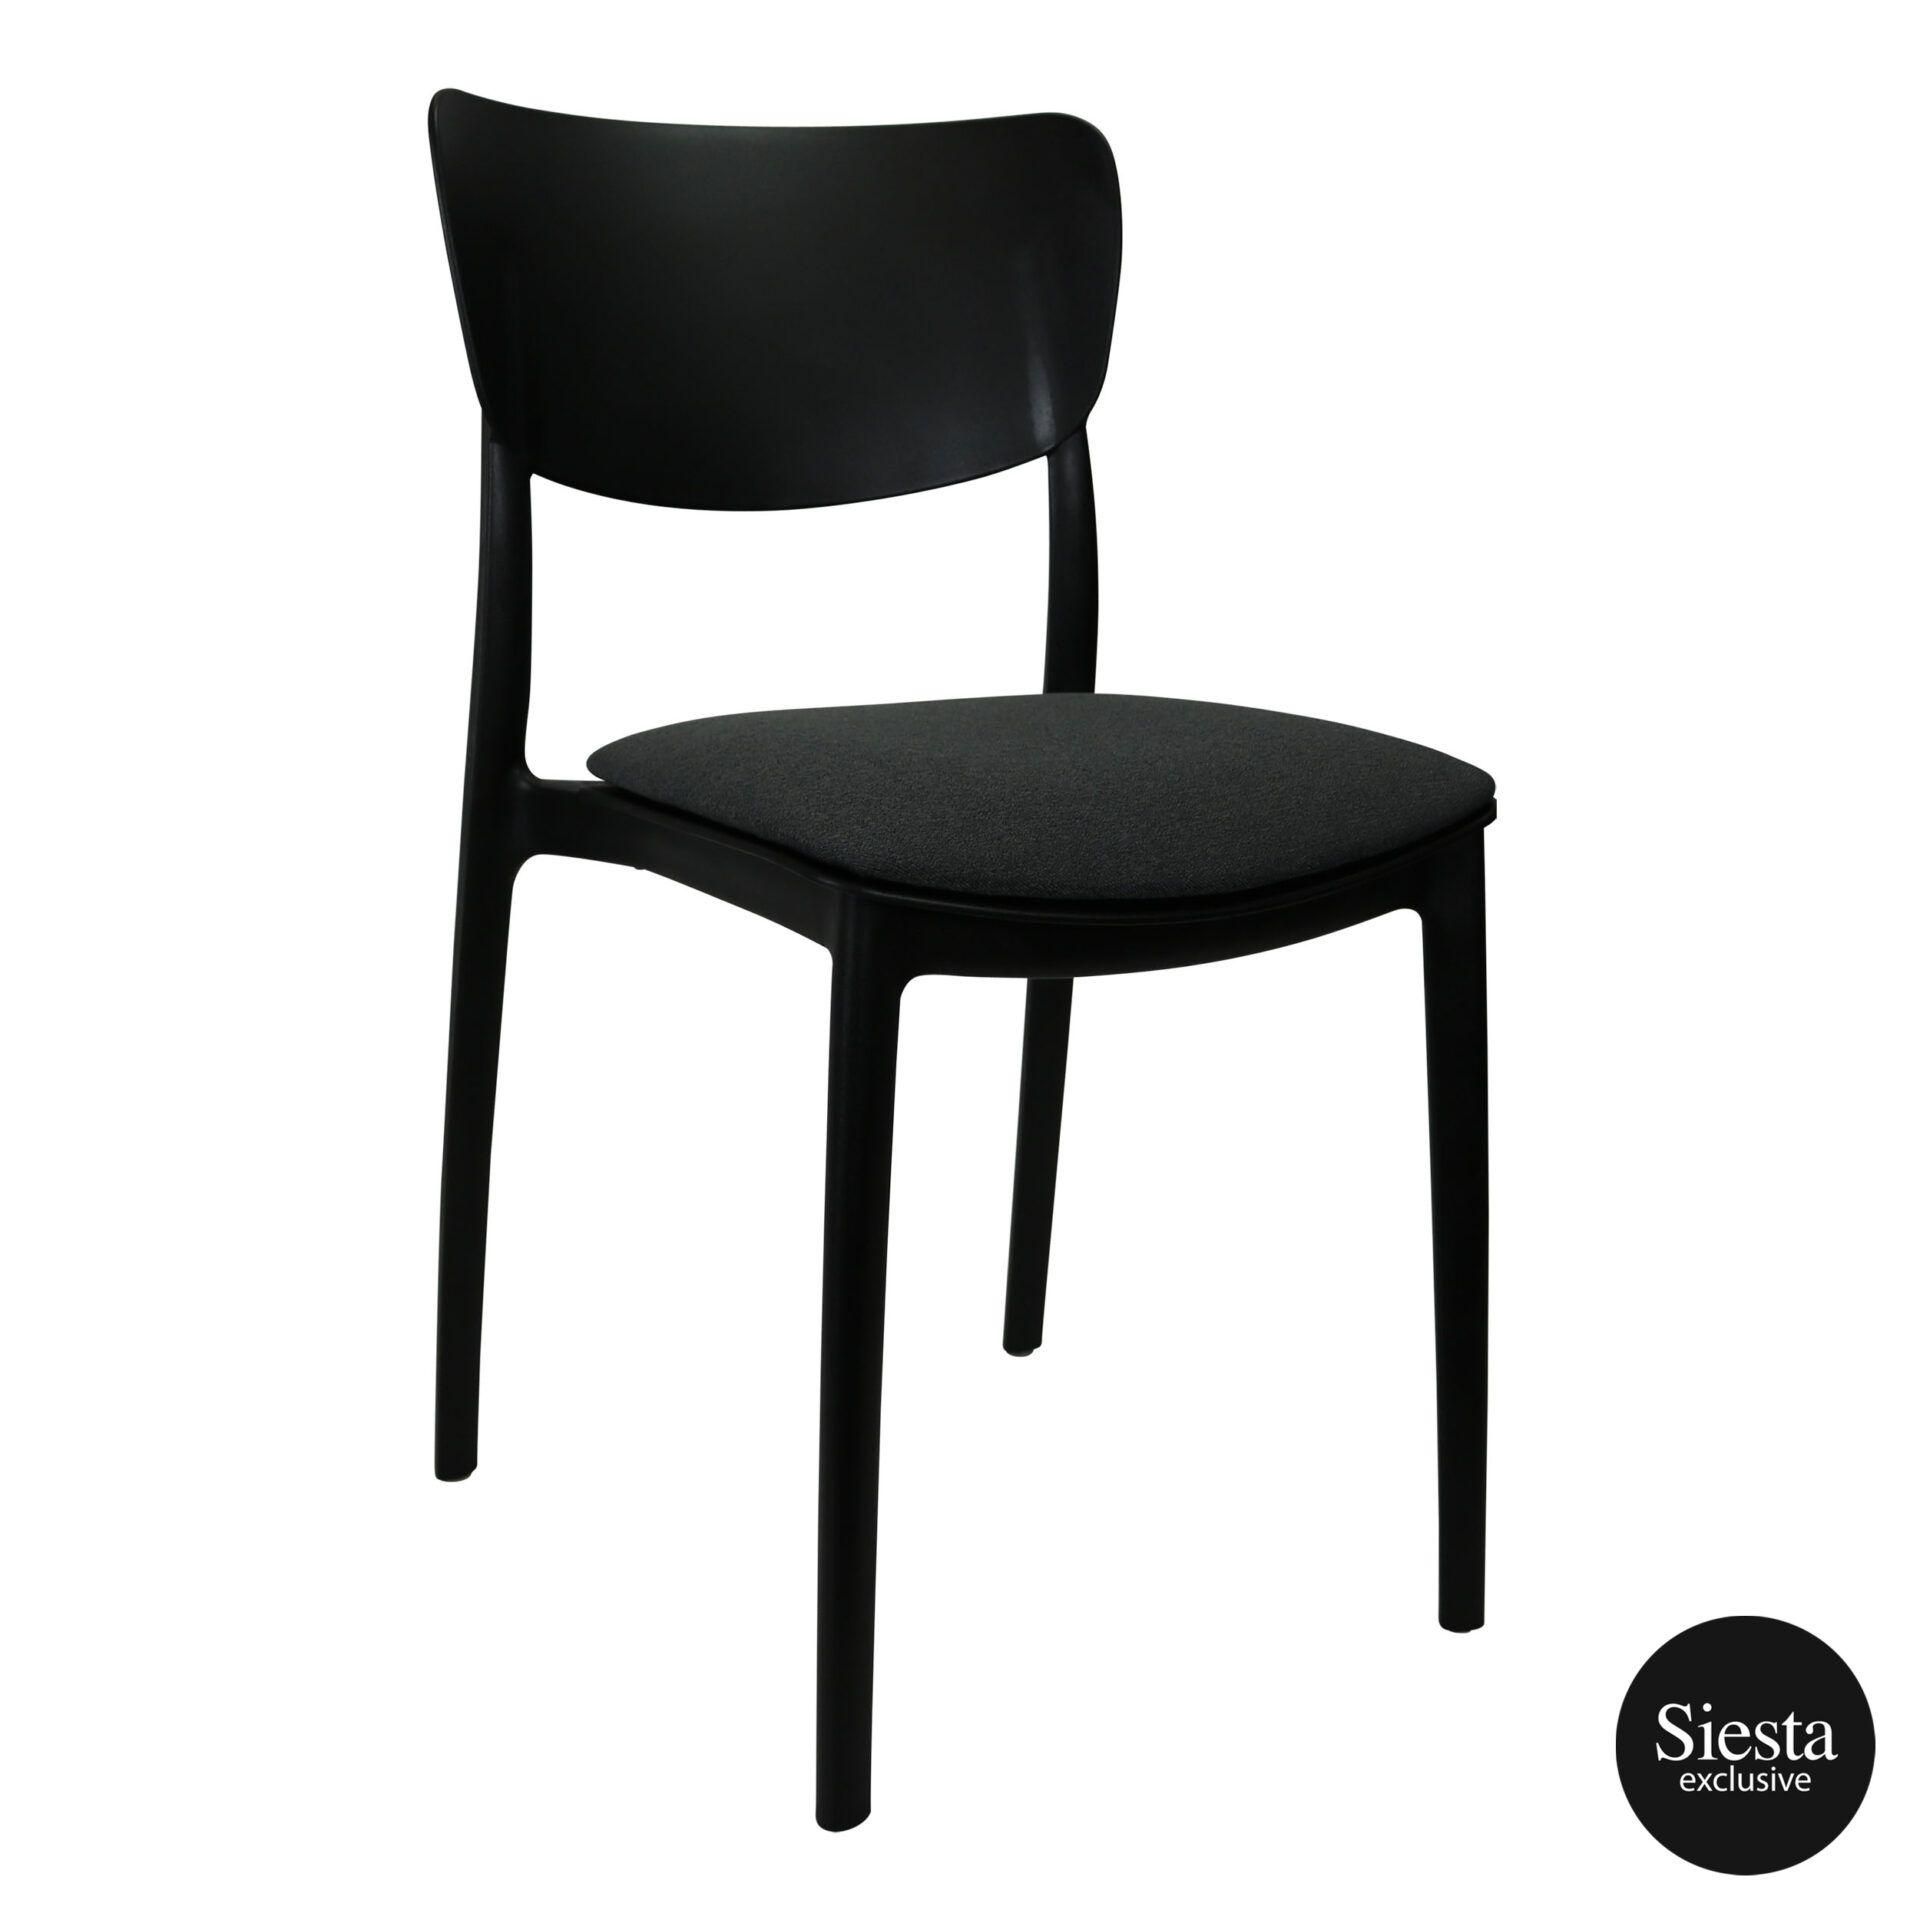 monna chair black c2a